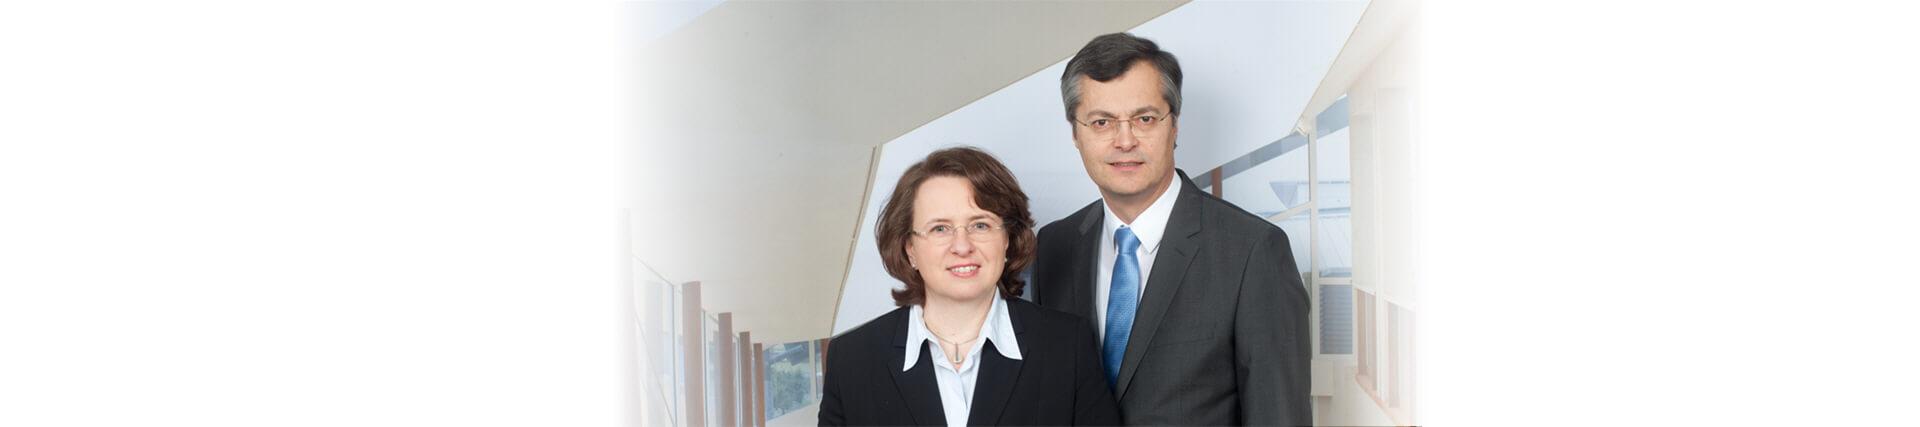 Böhm und Partner Unternehmensberater